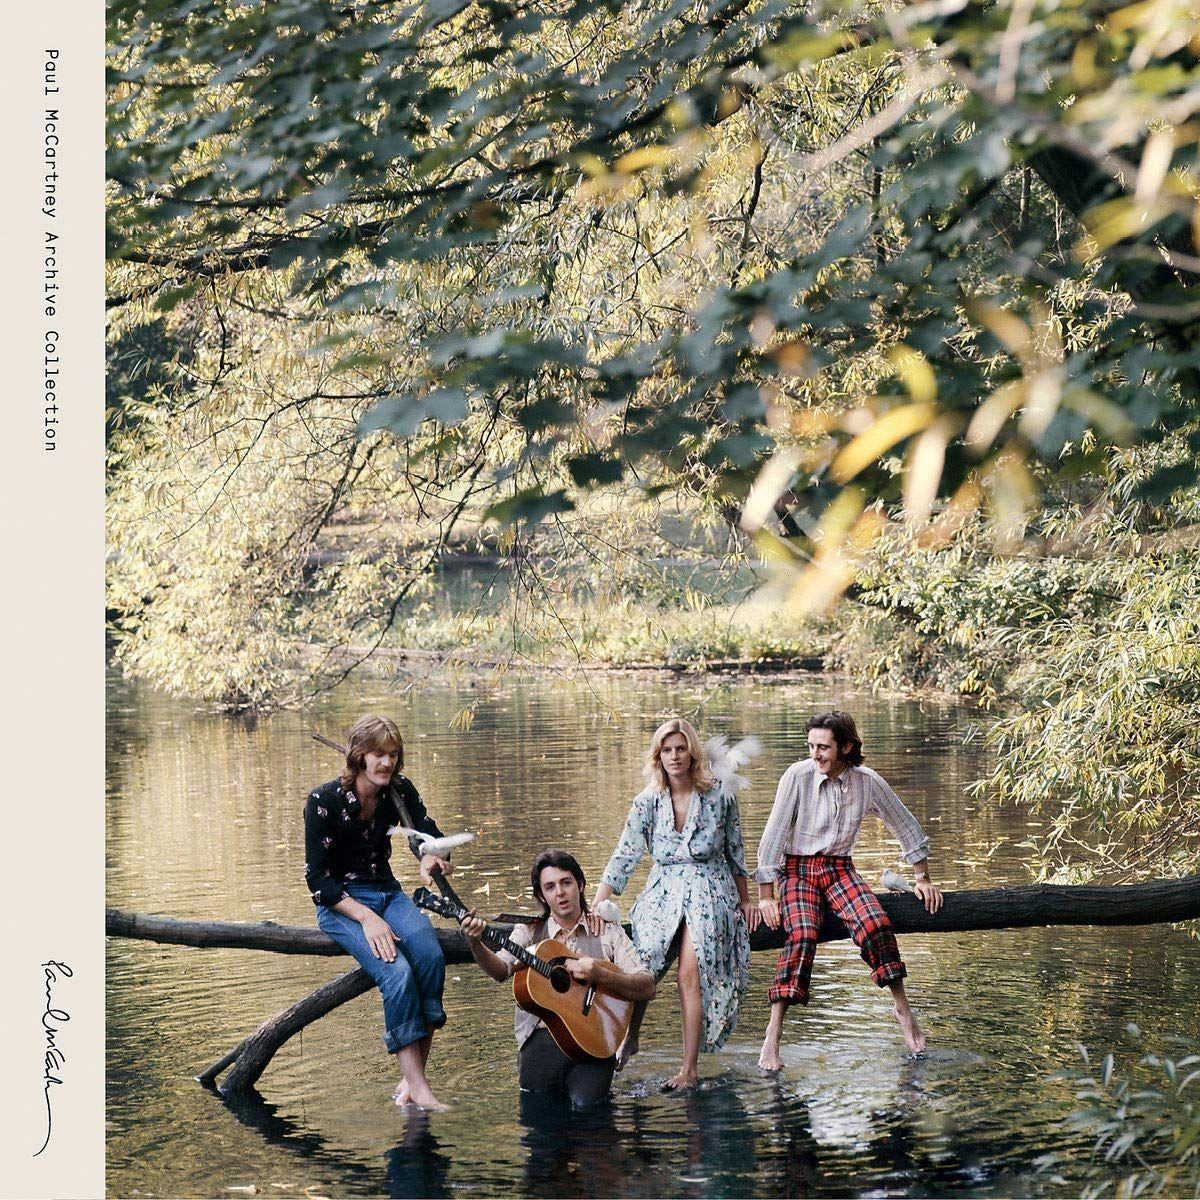 Пол Маккартни Paul McCartney. Wild Life (2 LP) бюстгальтер 3 4 350pcs 1345usd dear aren